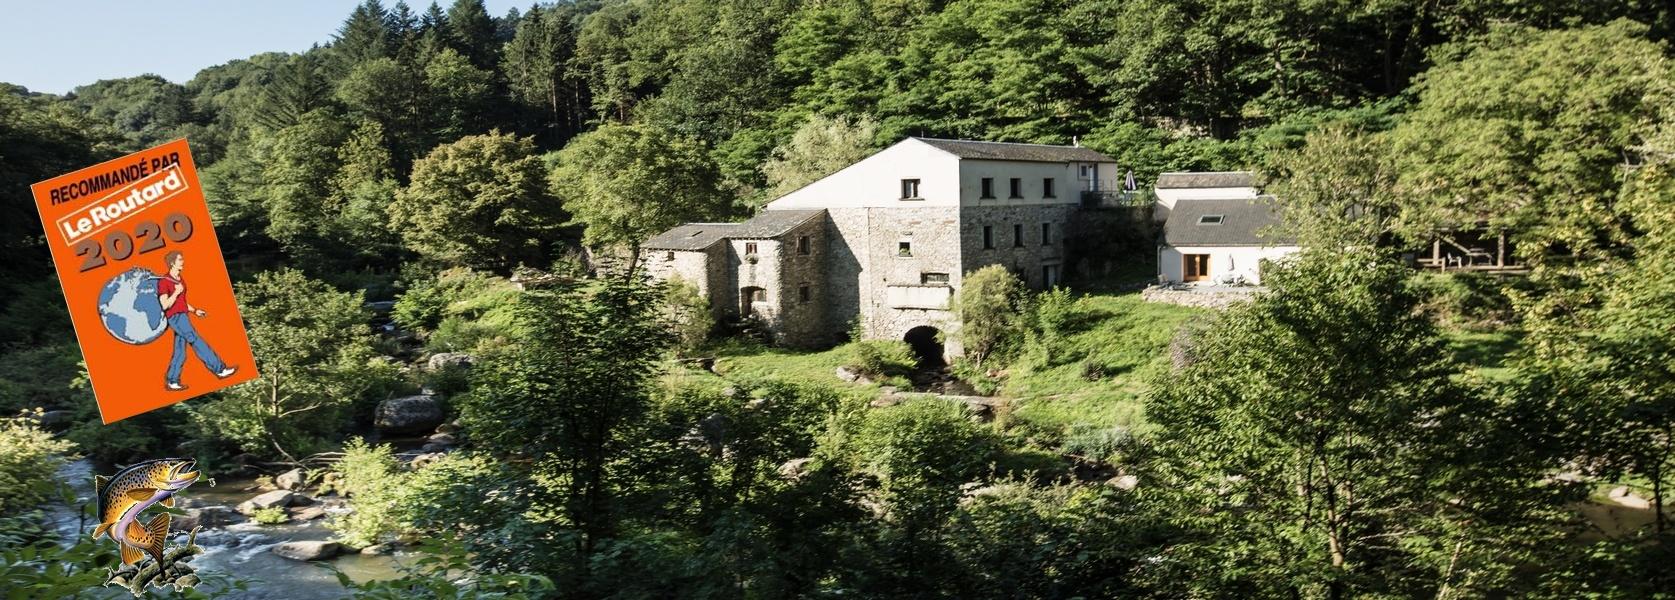 foto de Moulin de Record | Gîtes de Pêche, Chambre & Table d'hôtes dans le ...